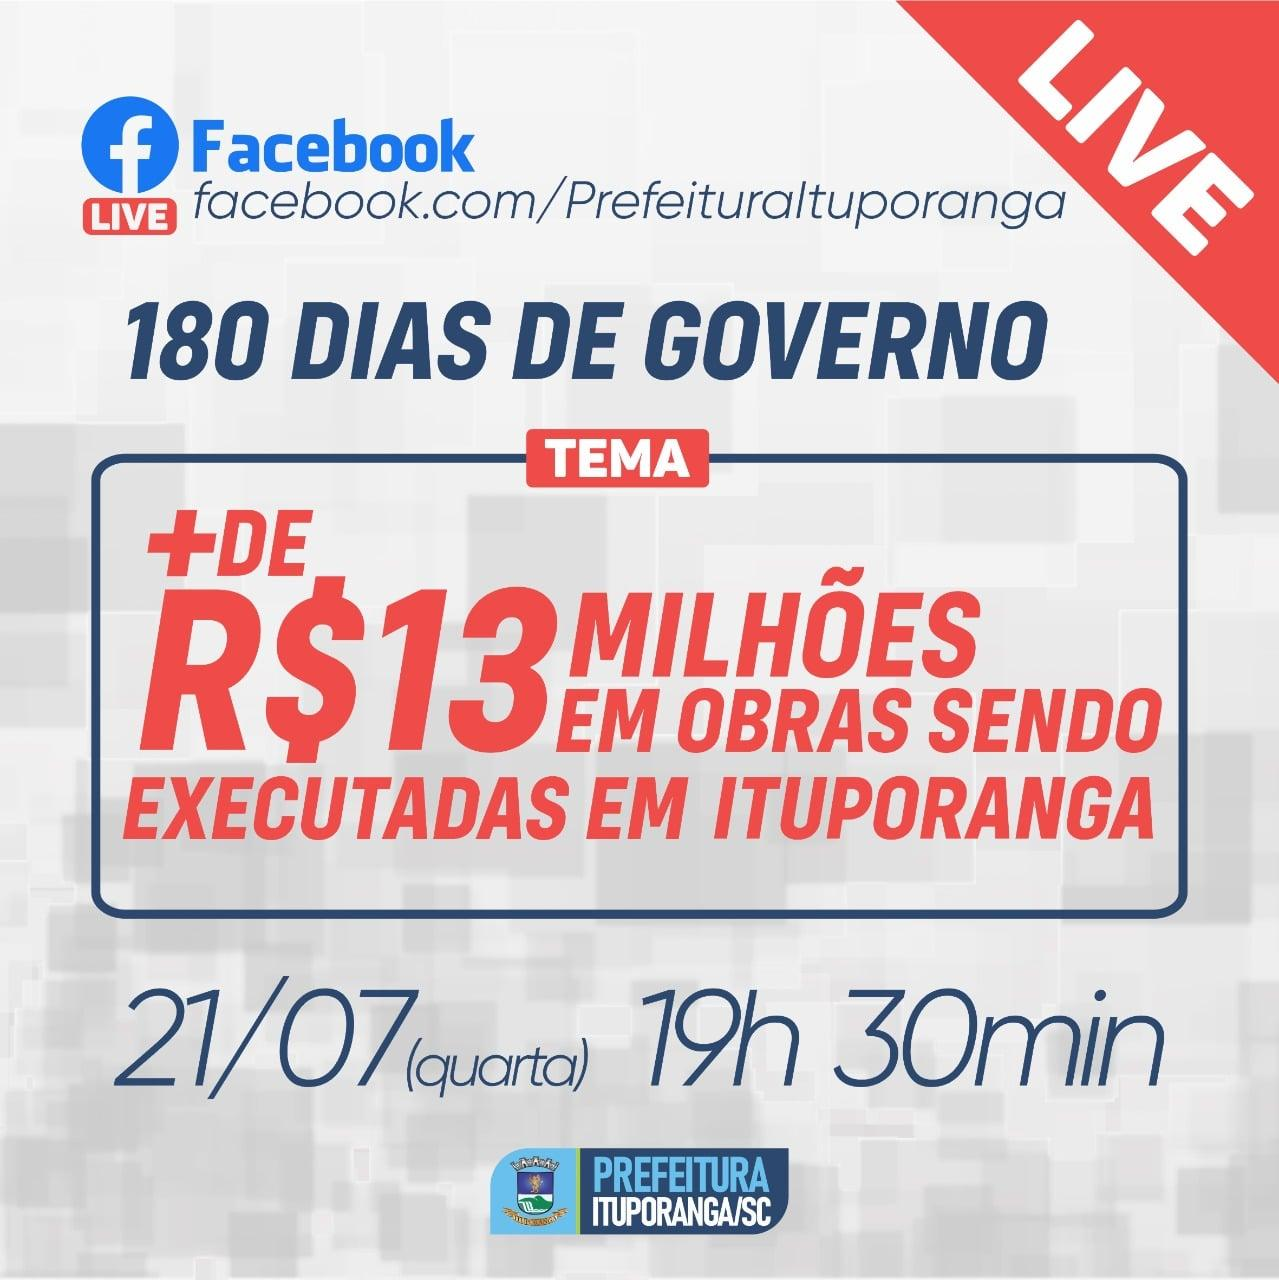 Administração de Ituporanga promove live dos 180 dias de governo